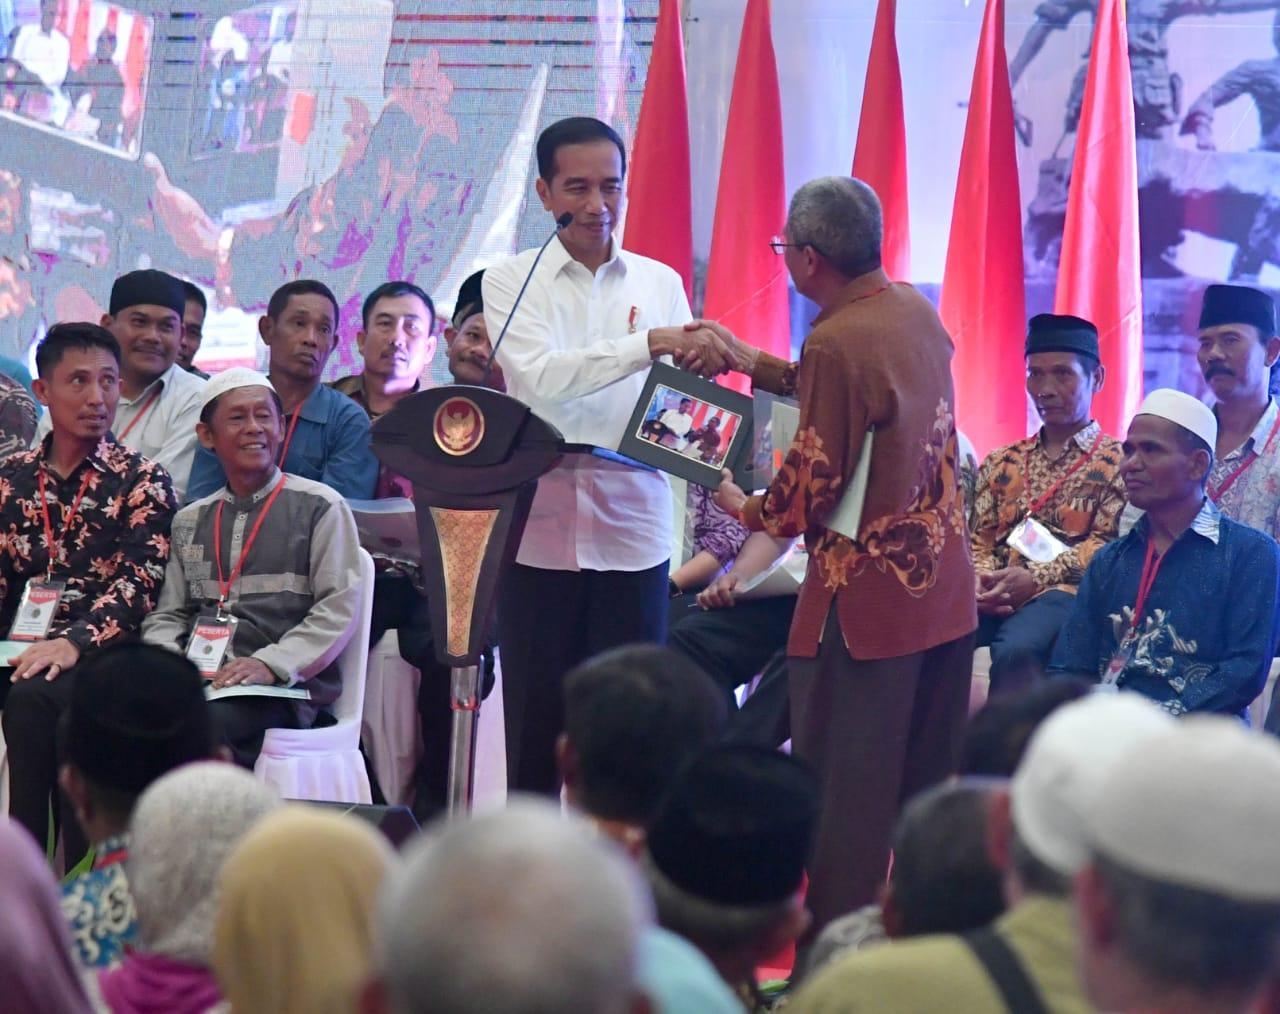 Jemput Bola Layani Rakyat, Presiden Jokowi: Pejabat Harus Seperti Itu